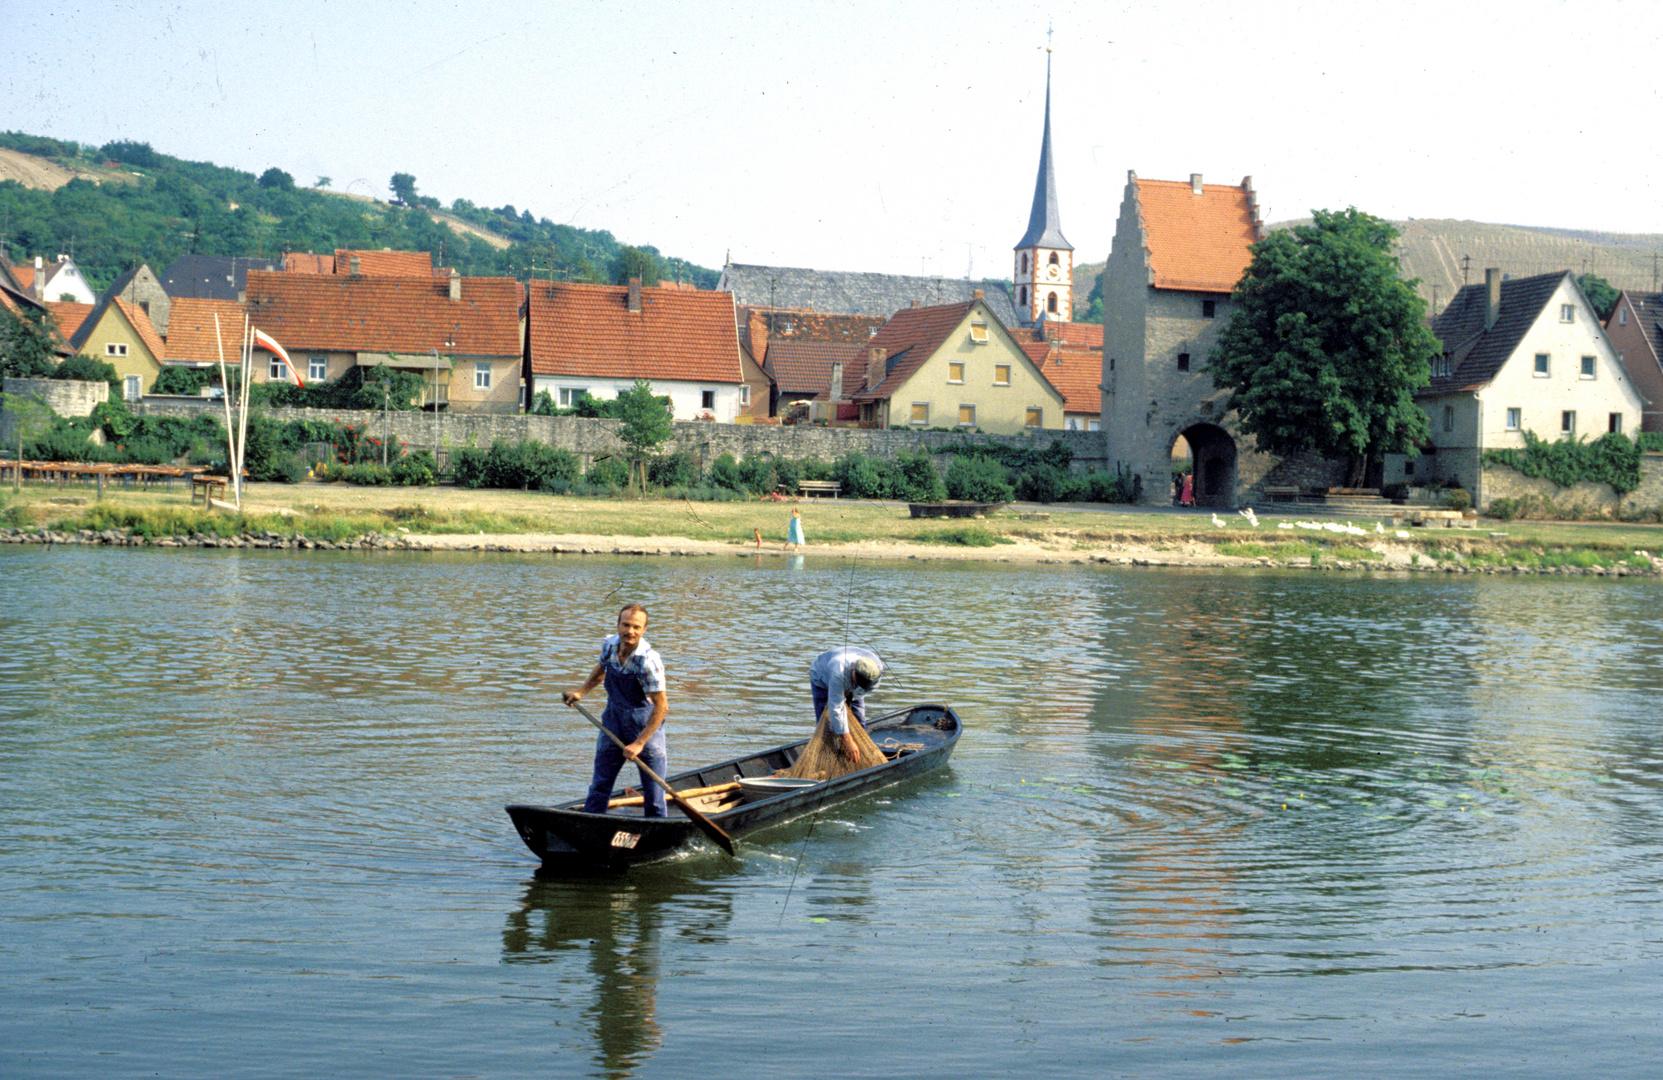 Frickenhausen am Main - Fischer bei der Arbeit